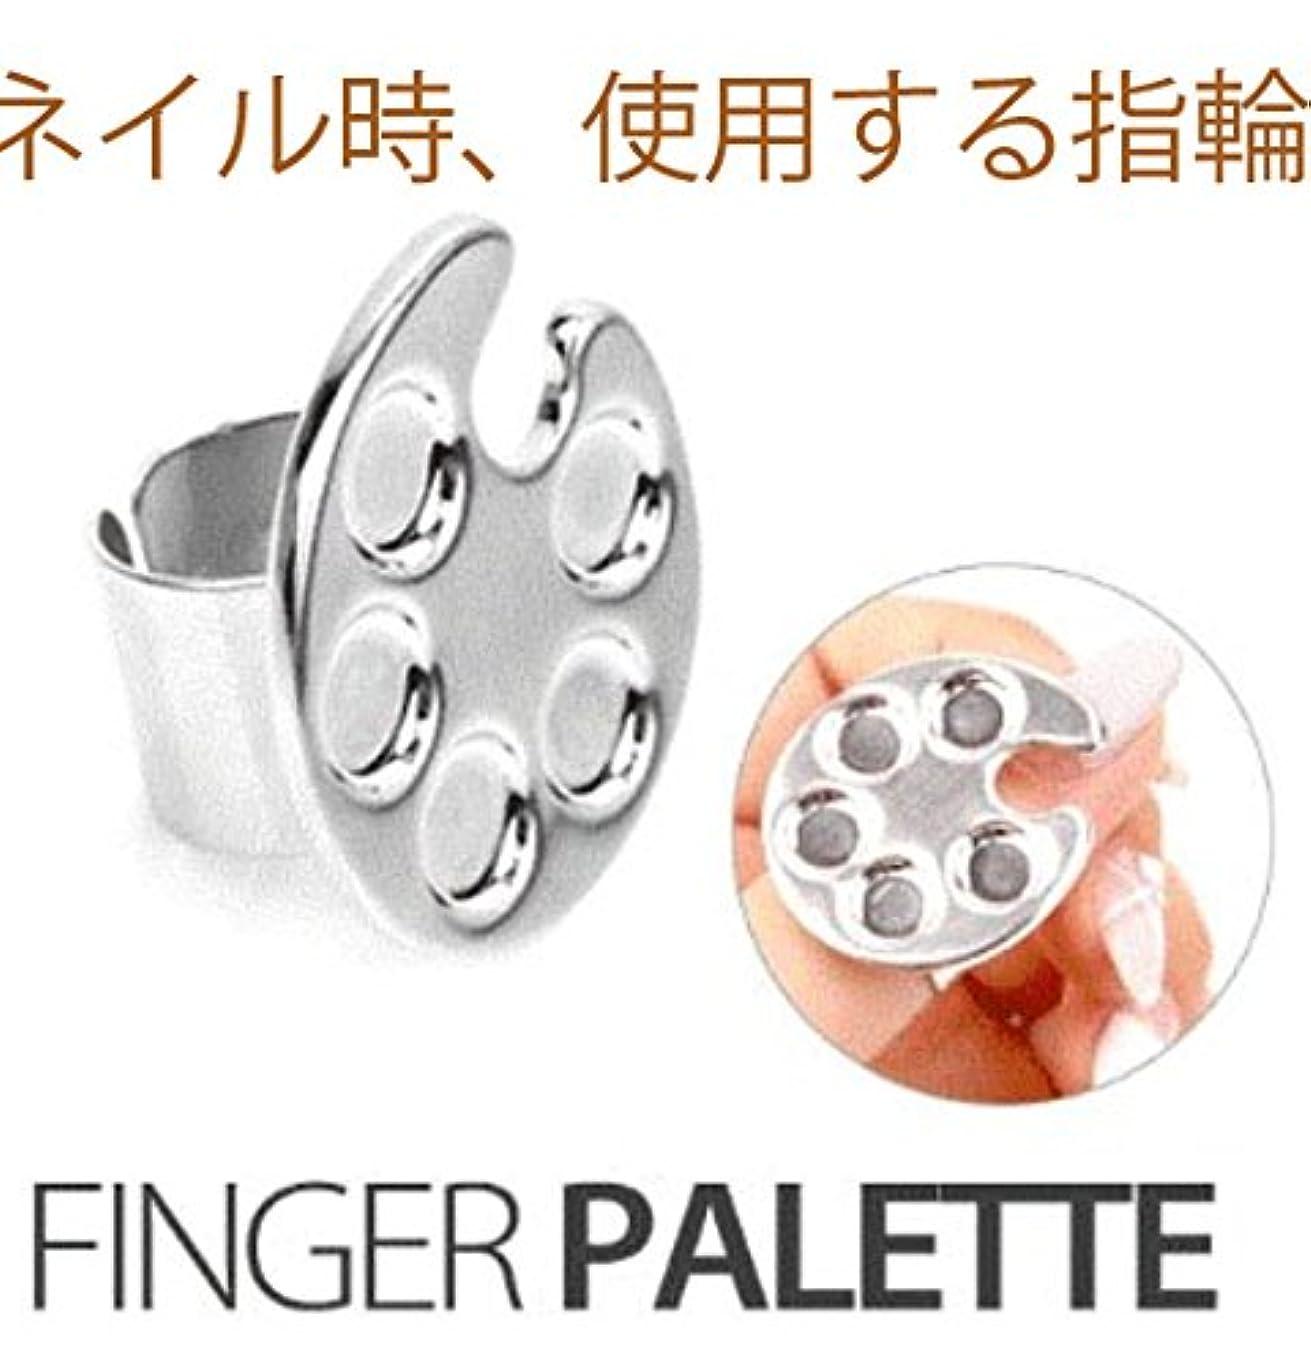 クマノミ変成器健全ネイルアートが楽になる、、ネイル時、使用する可愛いパレット指輪